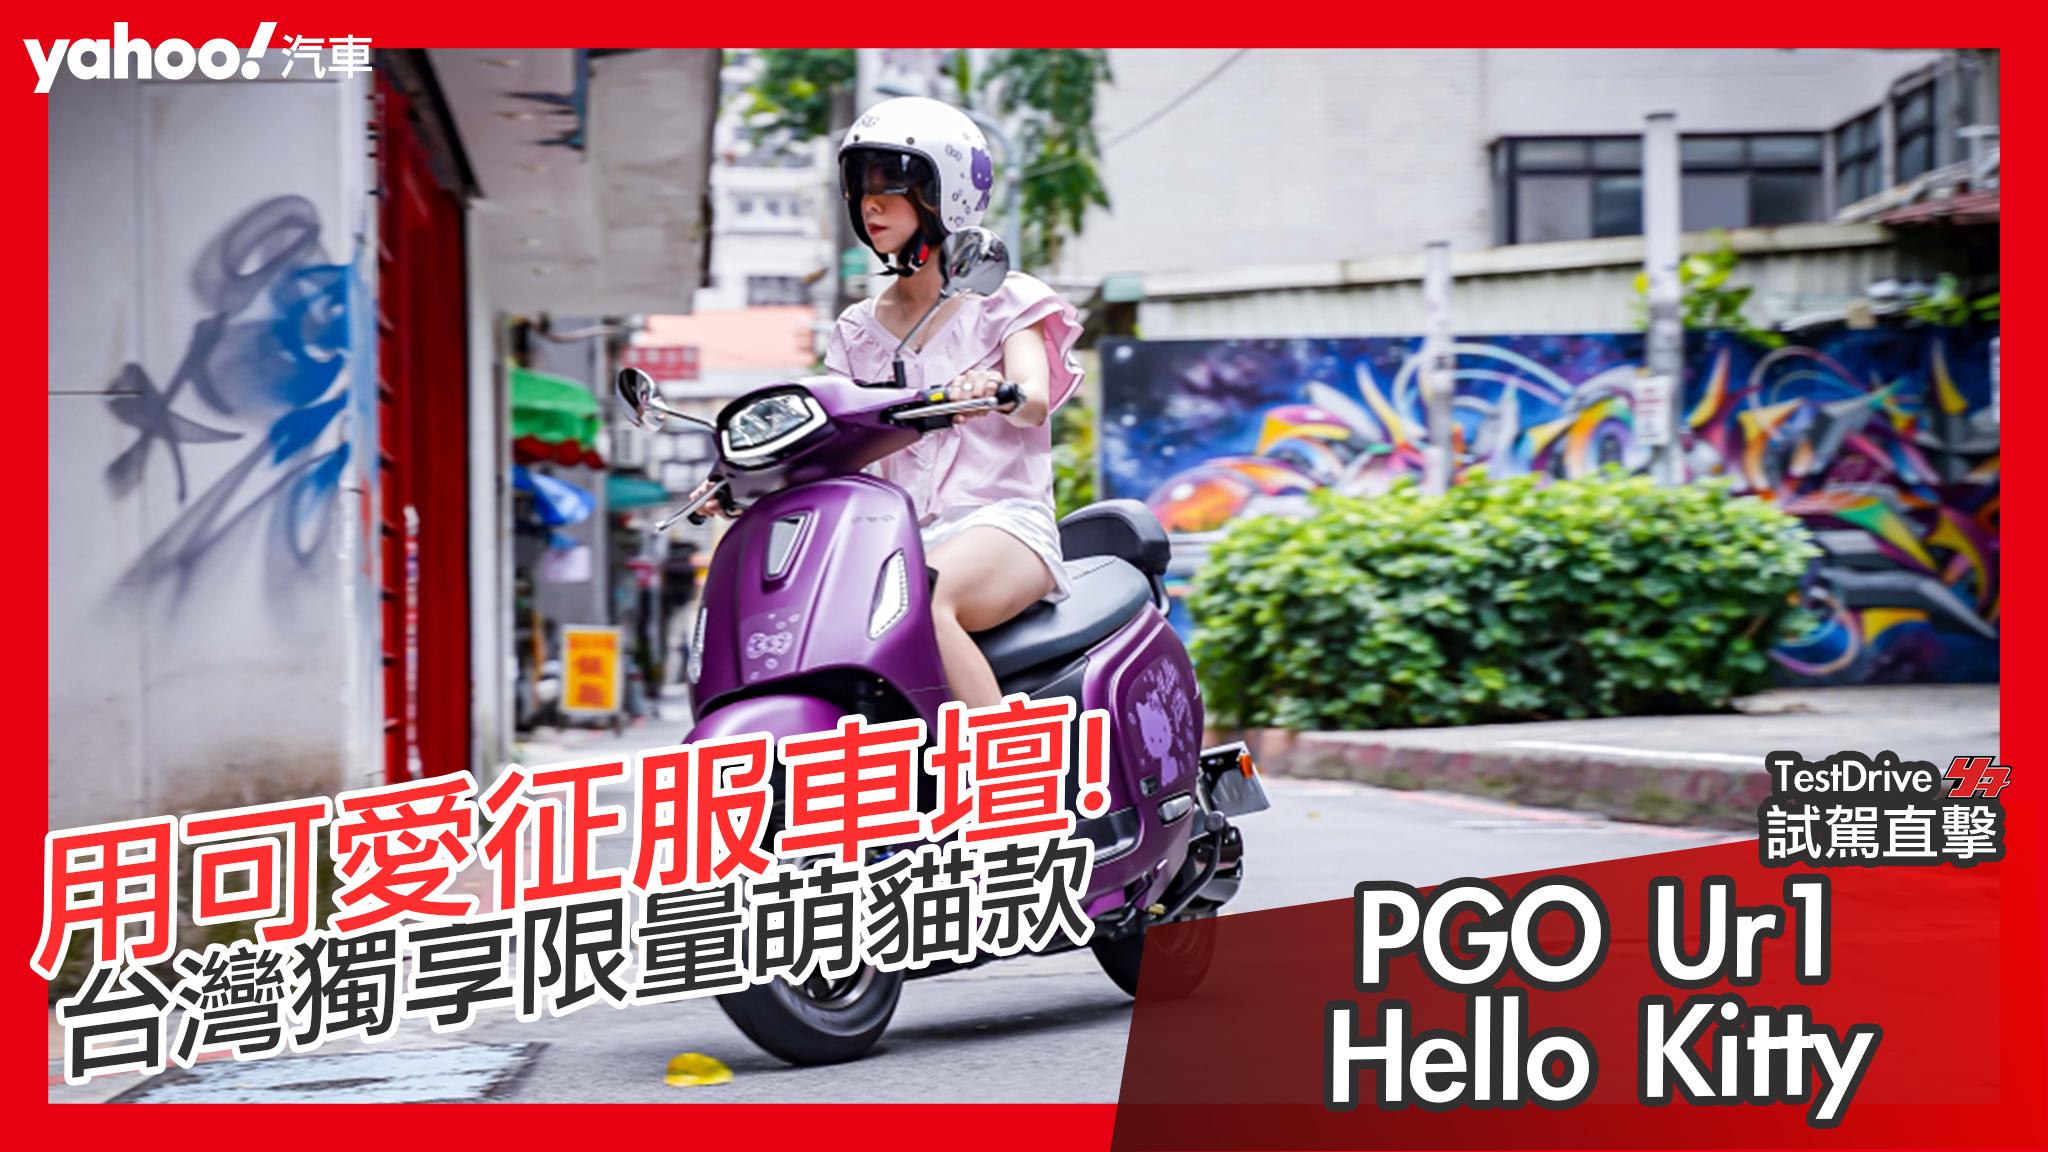 【試駕直擊】可愛的絕對值!2020 PGO Ur1 Hello Kitty聯名款西區試駕!